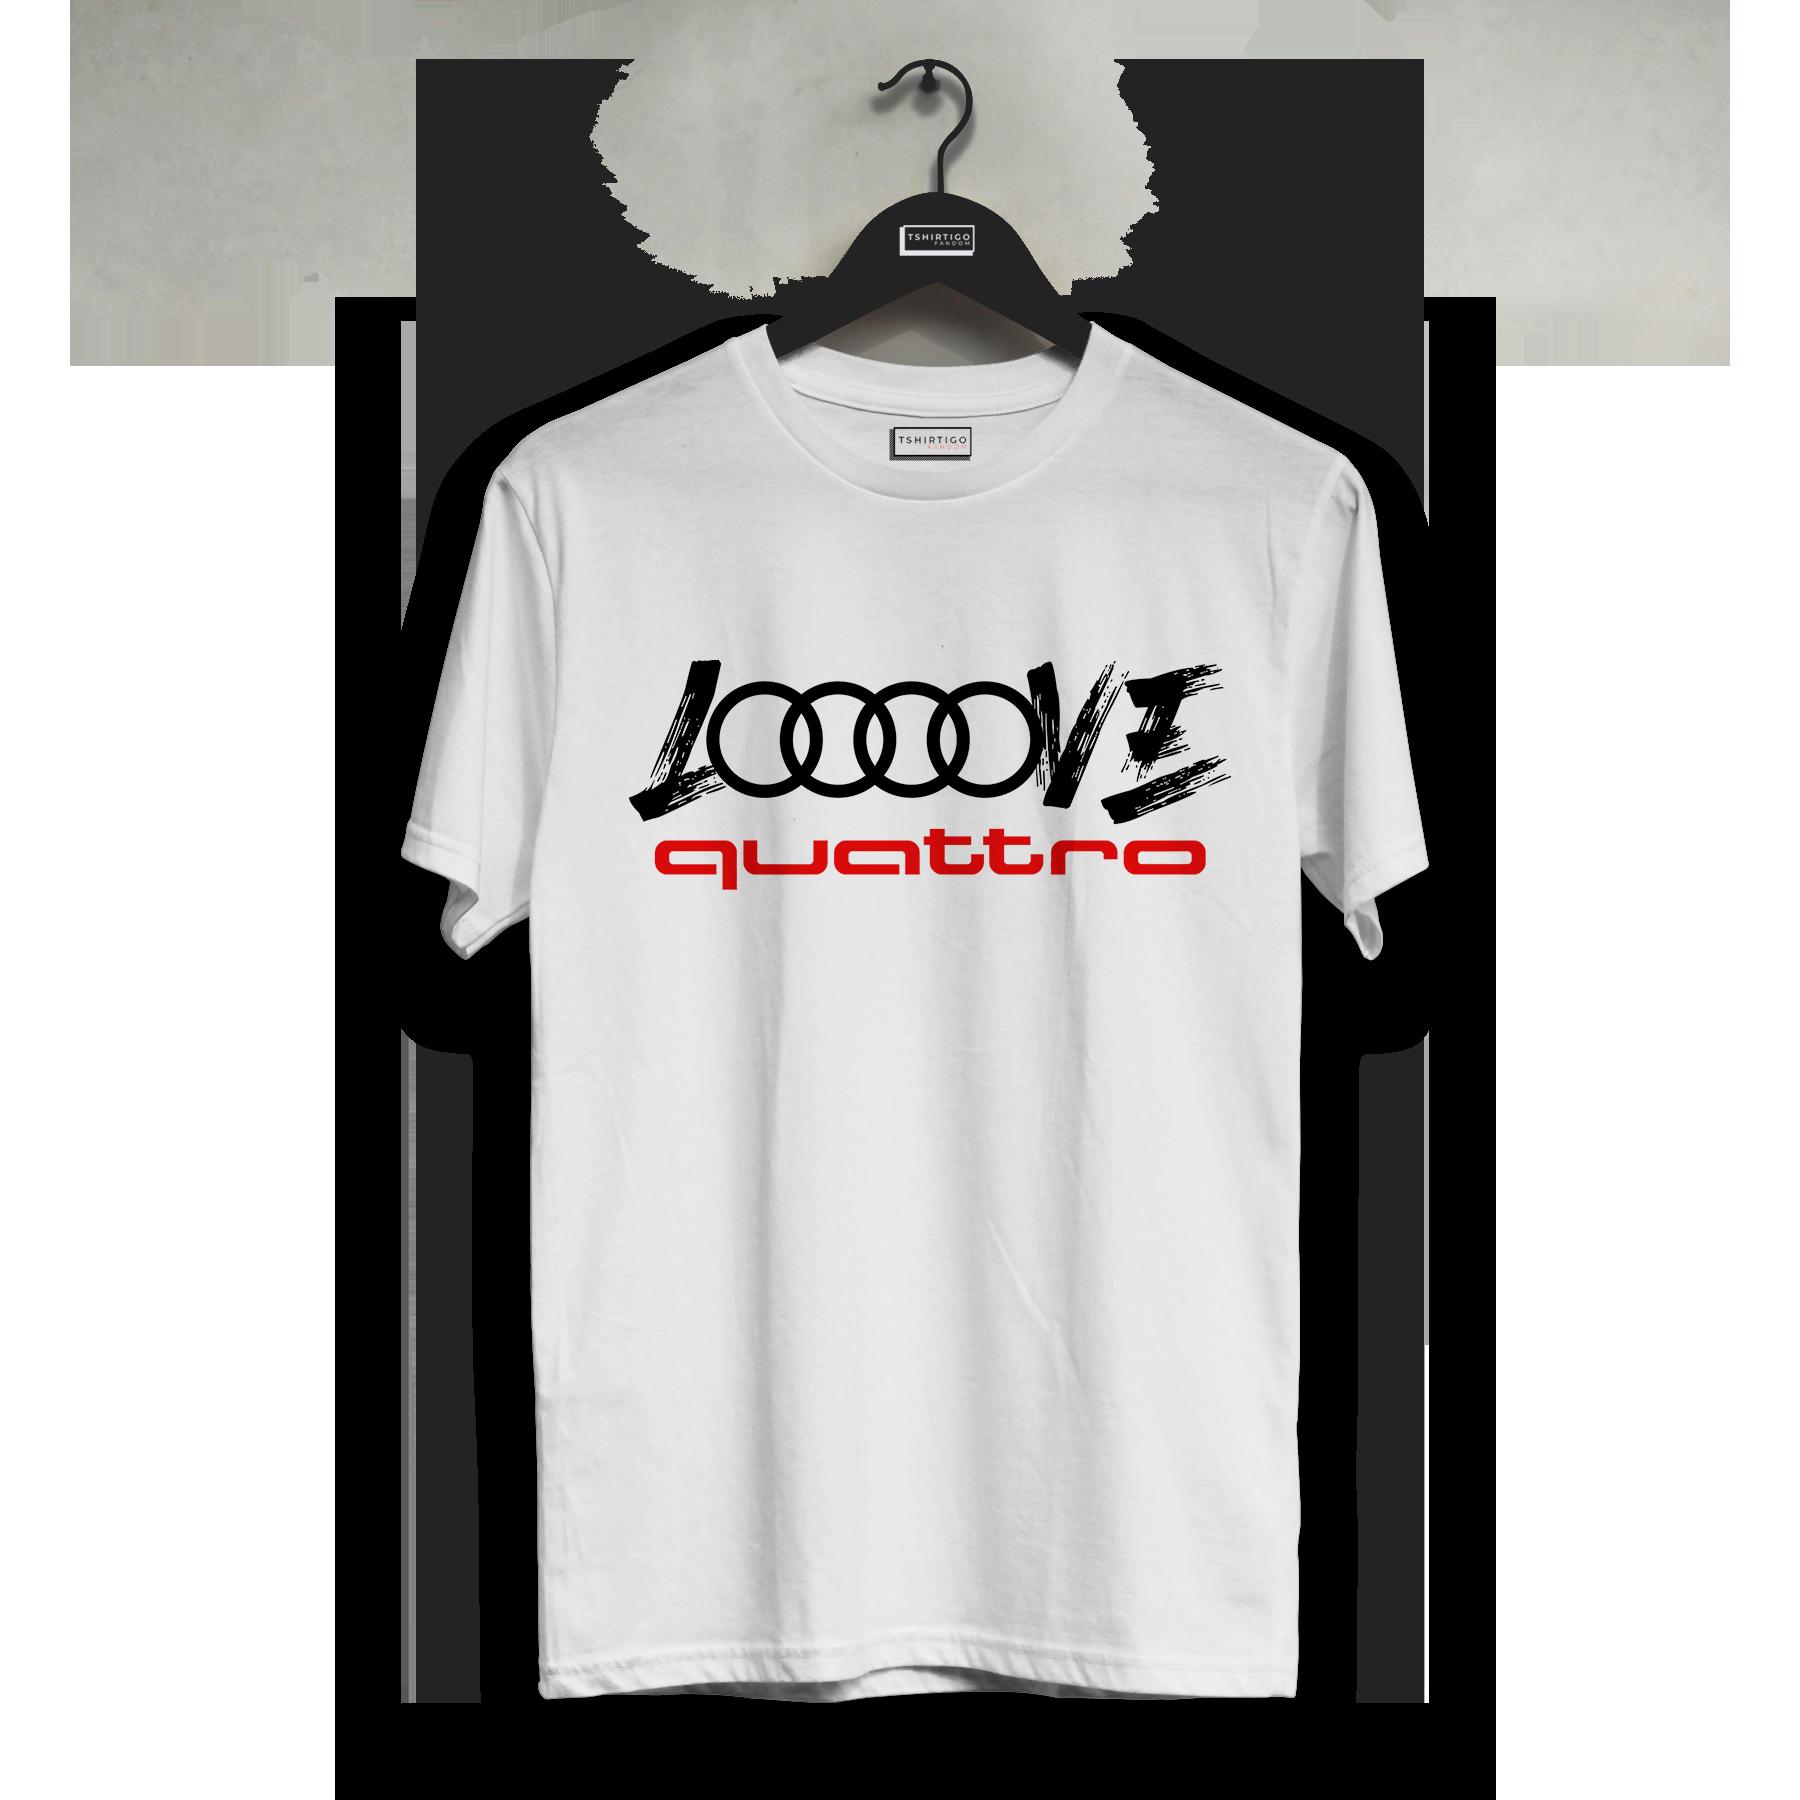 Audi quattro футболка A3 A4 A5 A6 Q3 Q5 Q7 Модифицированная футболка с изображением автомобиля Тюнинг скорость Производительность любовь футболка